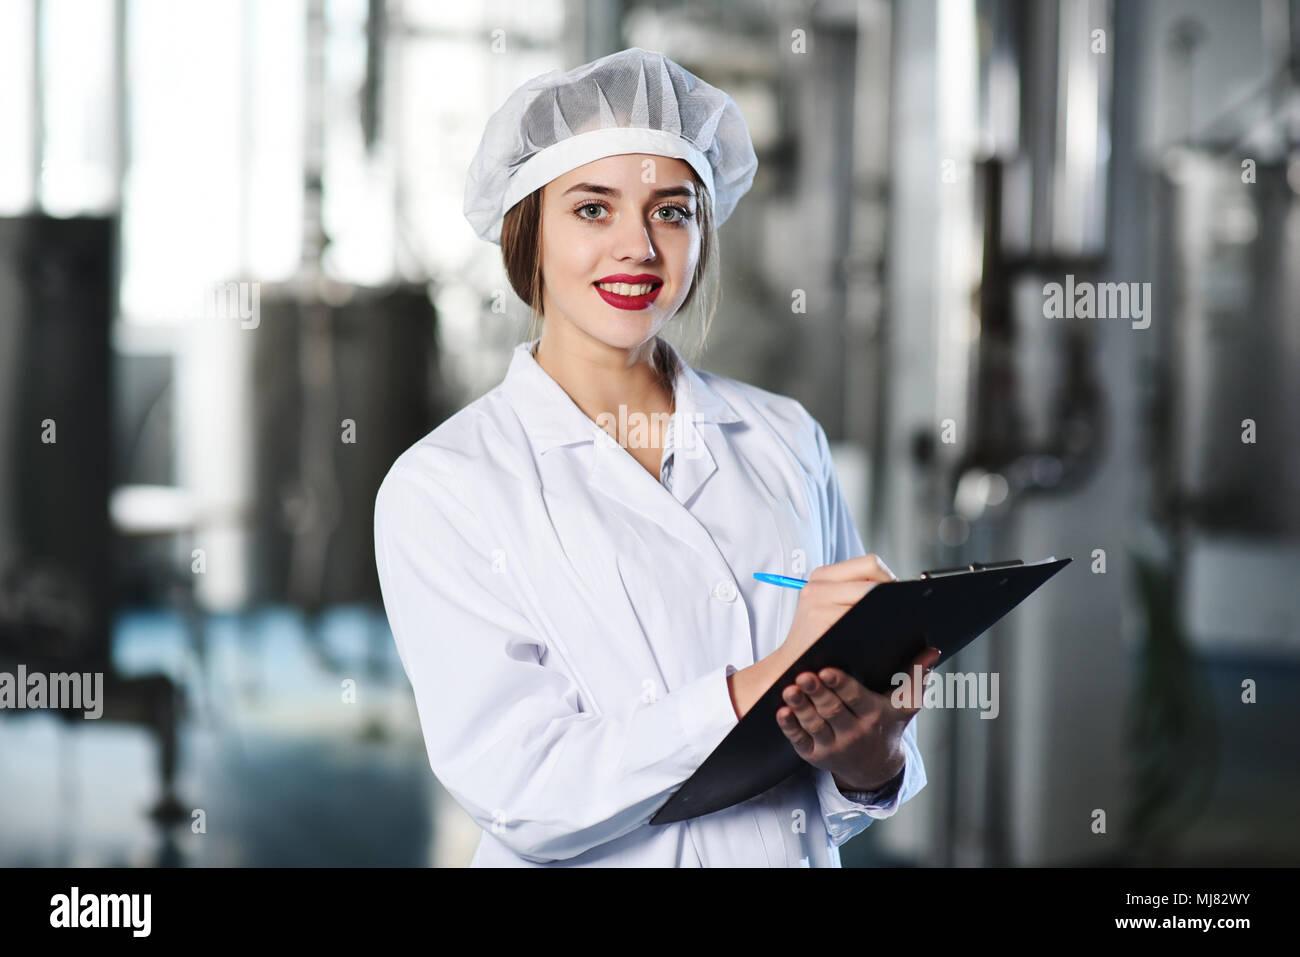 Chica científico o trabajador en blanco uniforme hace que las notas en papel, con el telón de fondo de la moderna fábrica de equipos. Foto de stock